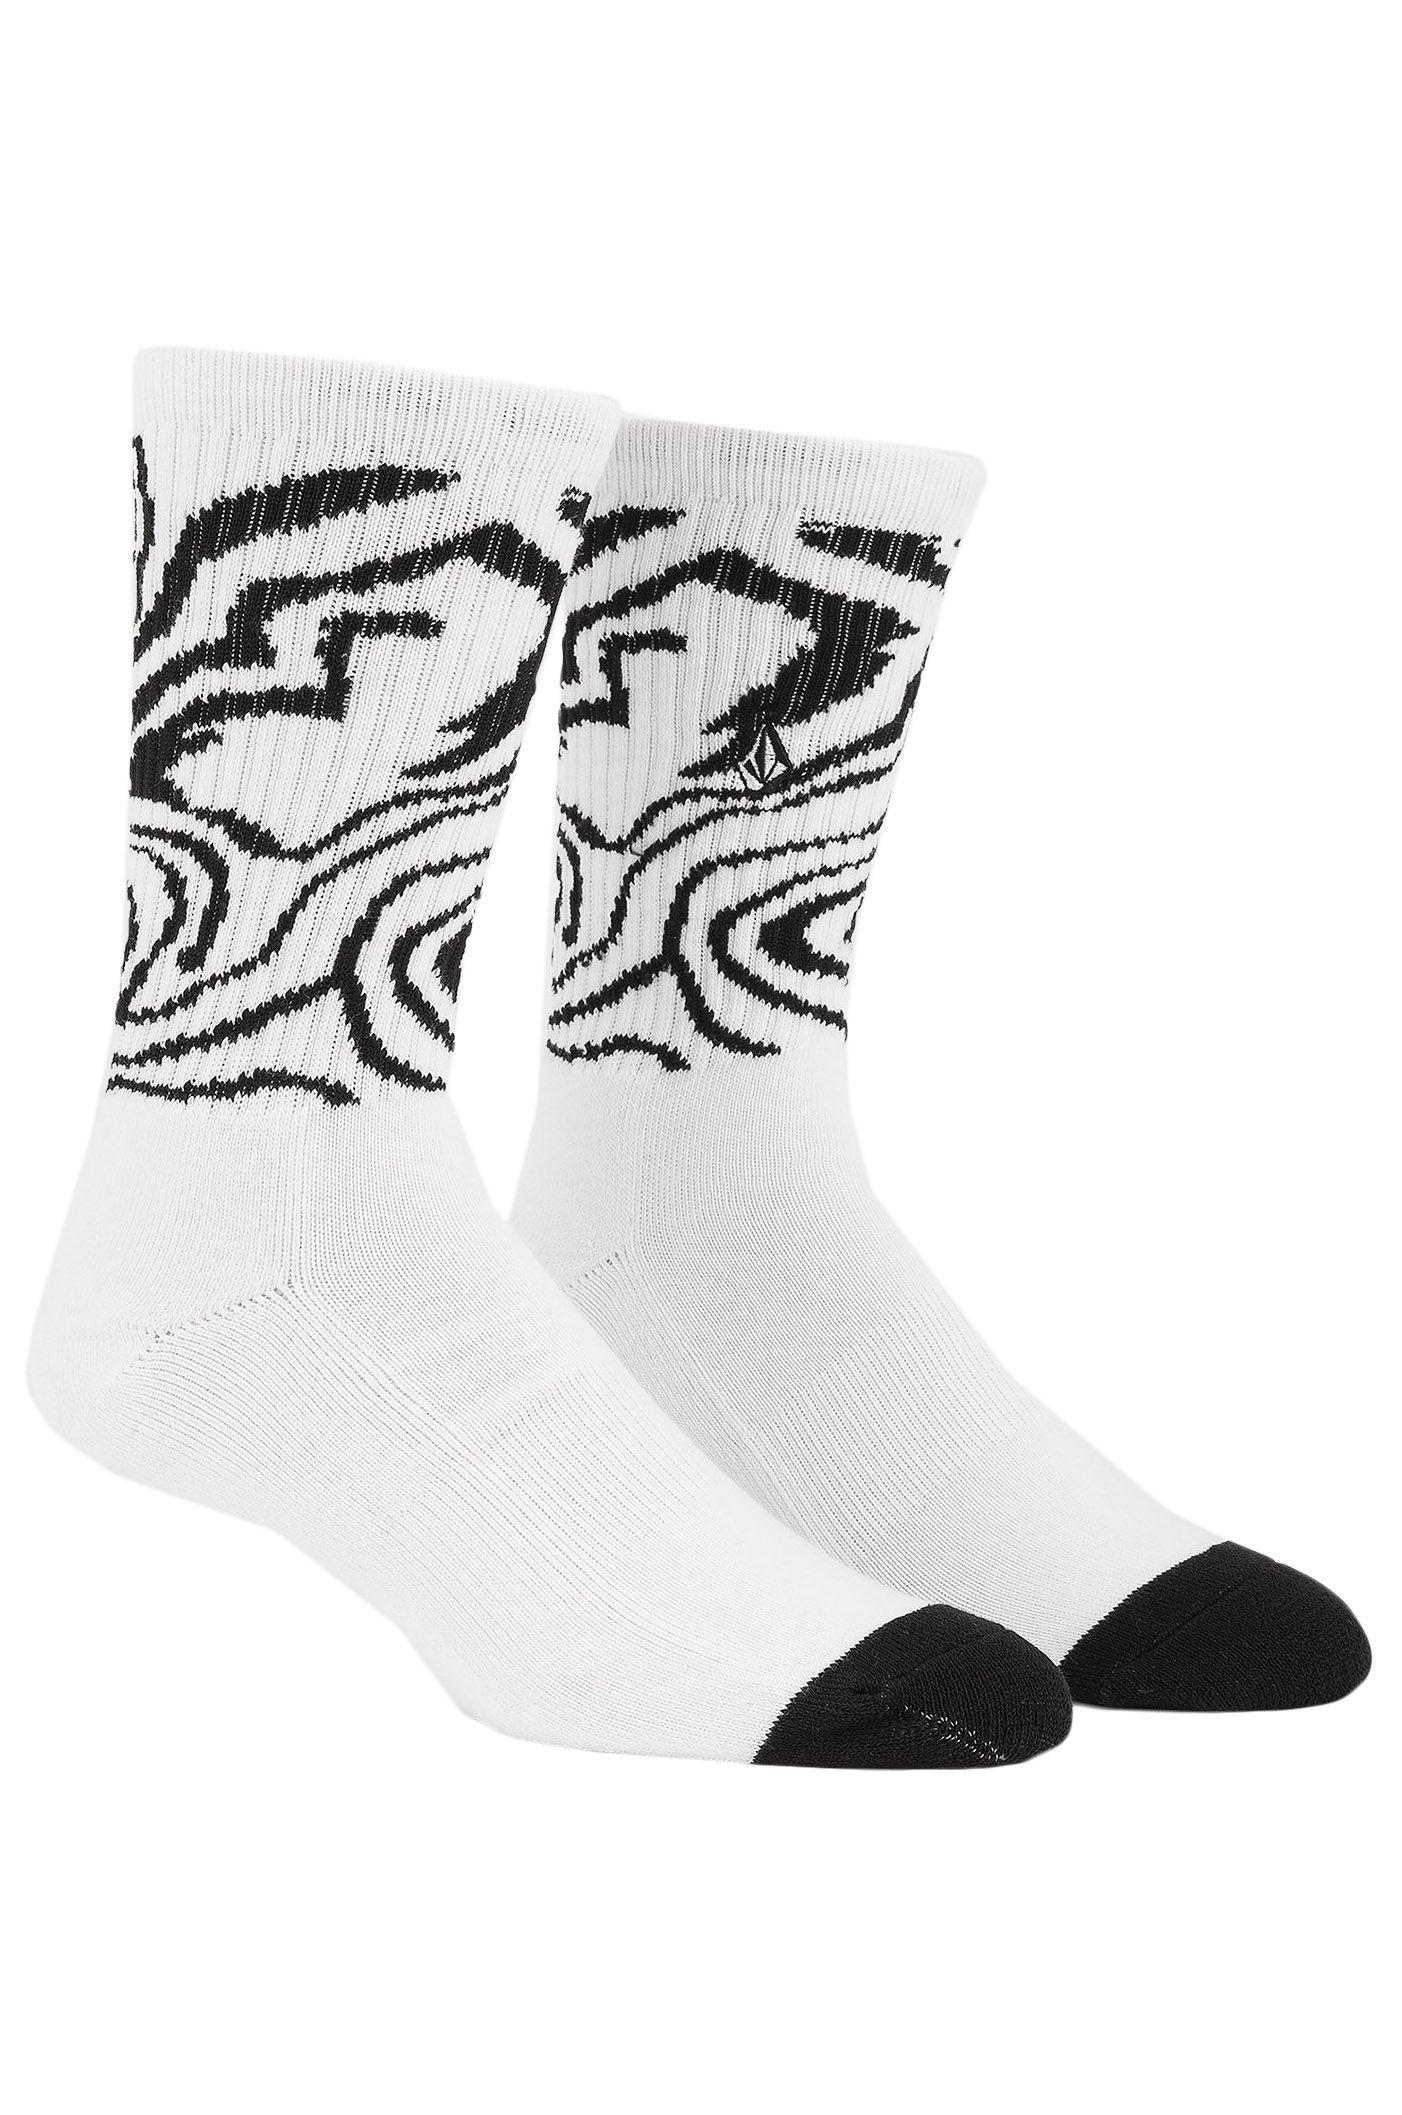 Volcom Socks VIBES SOCKS PR Black Stripe